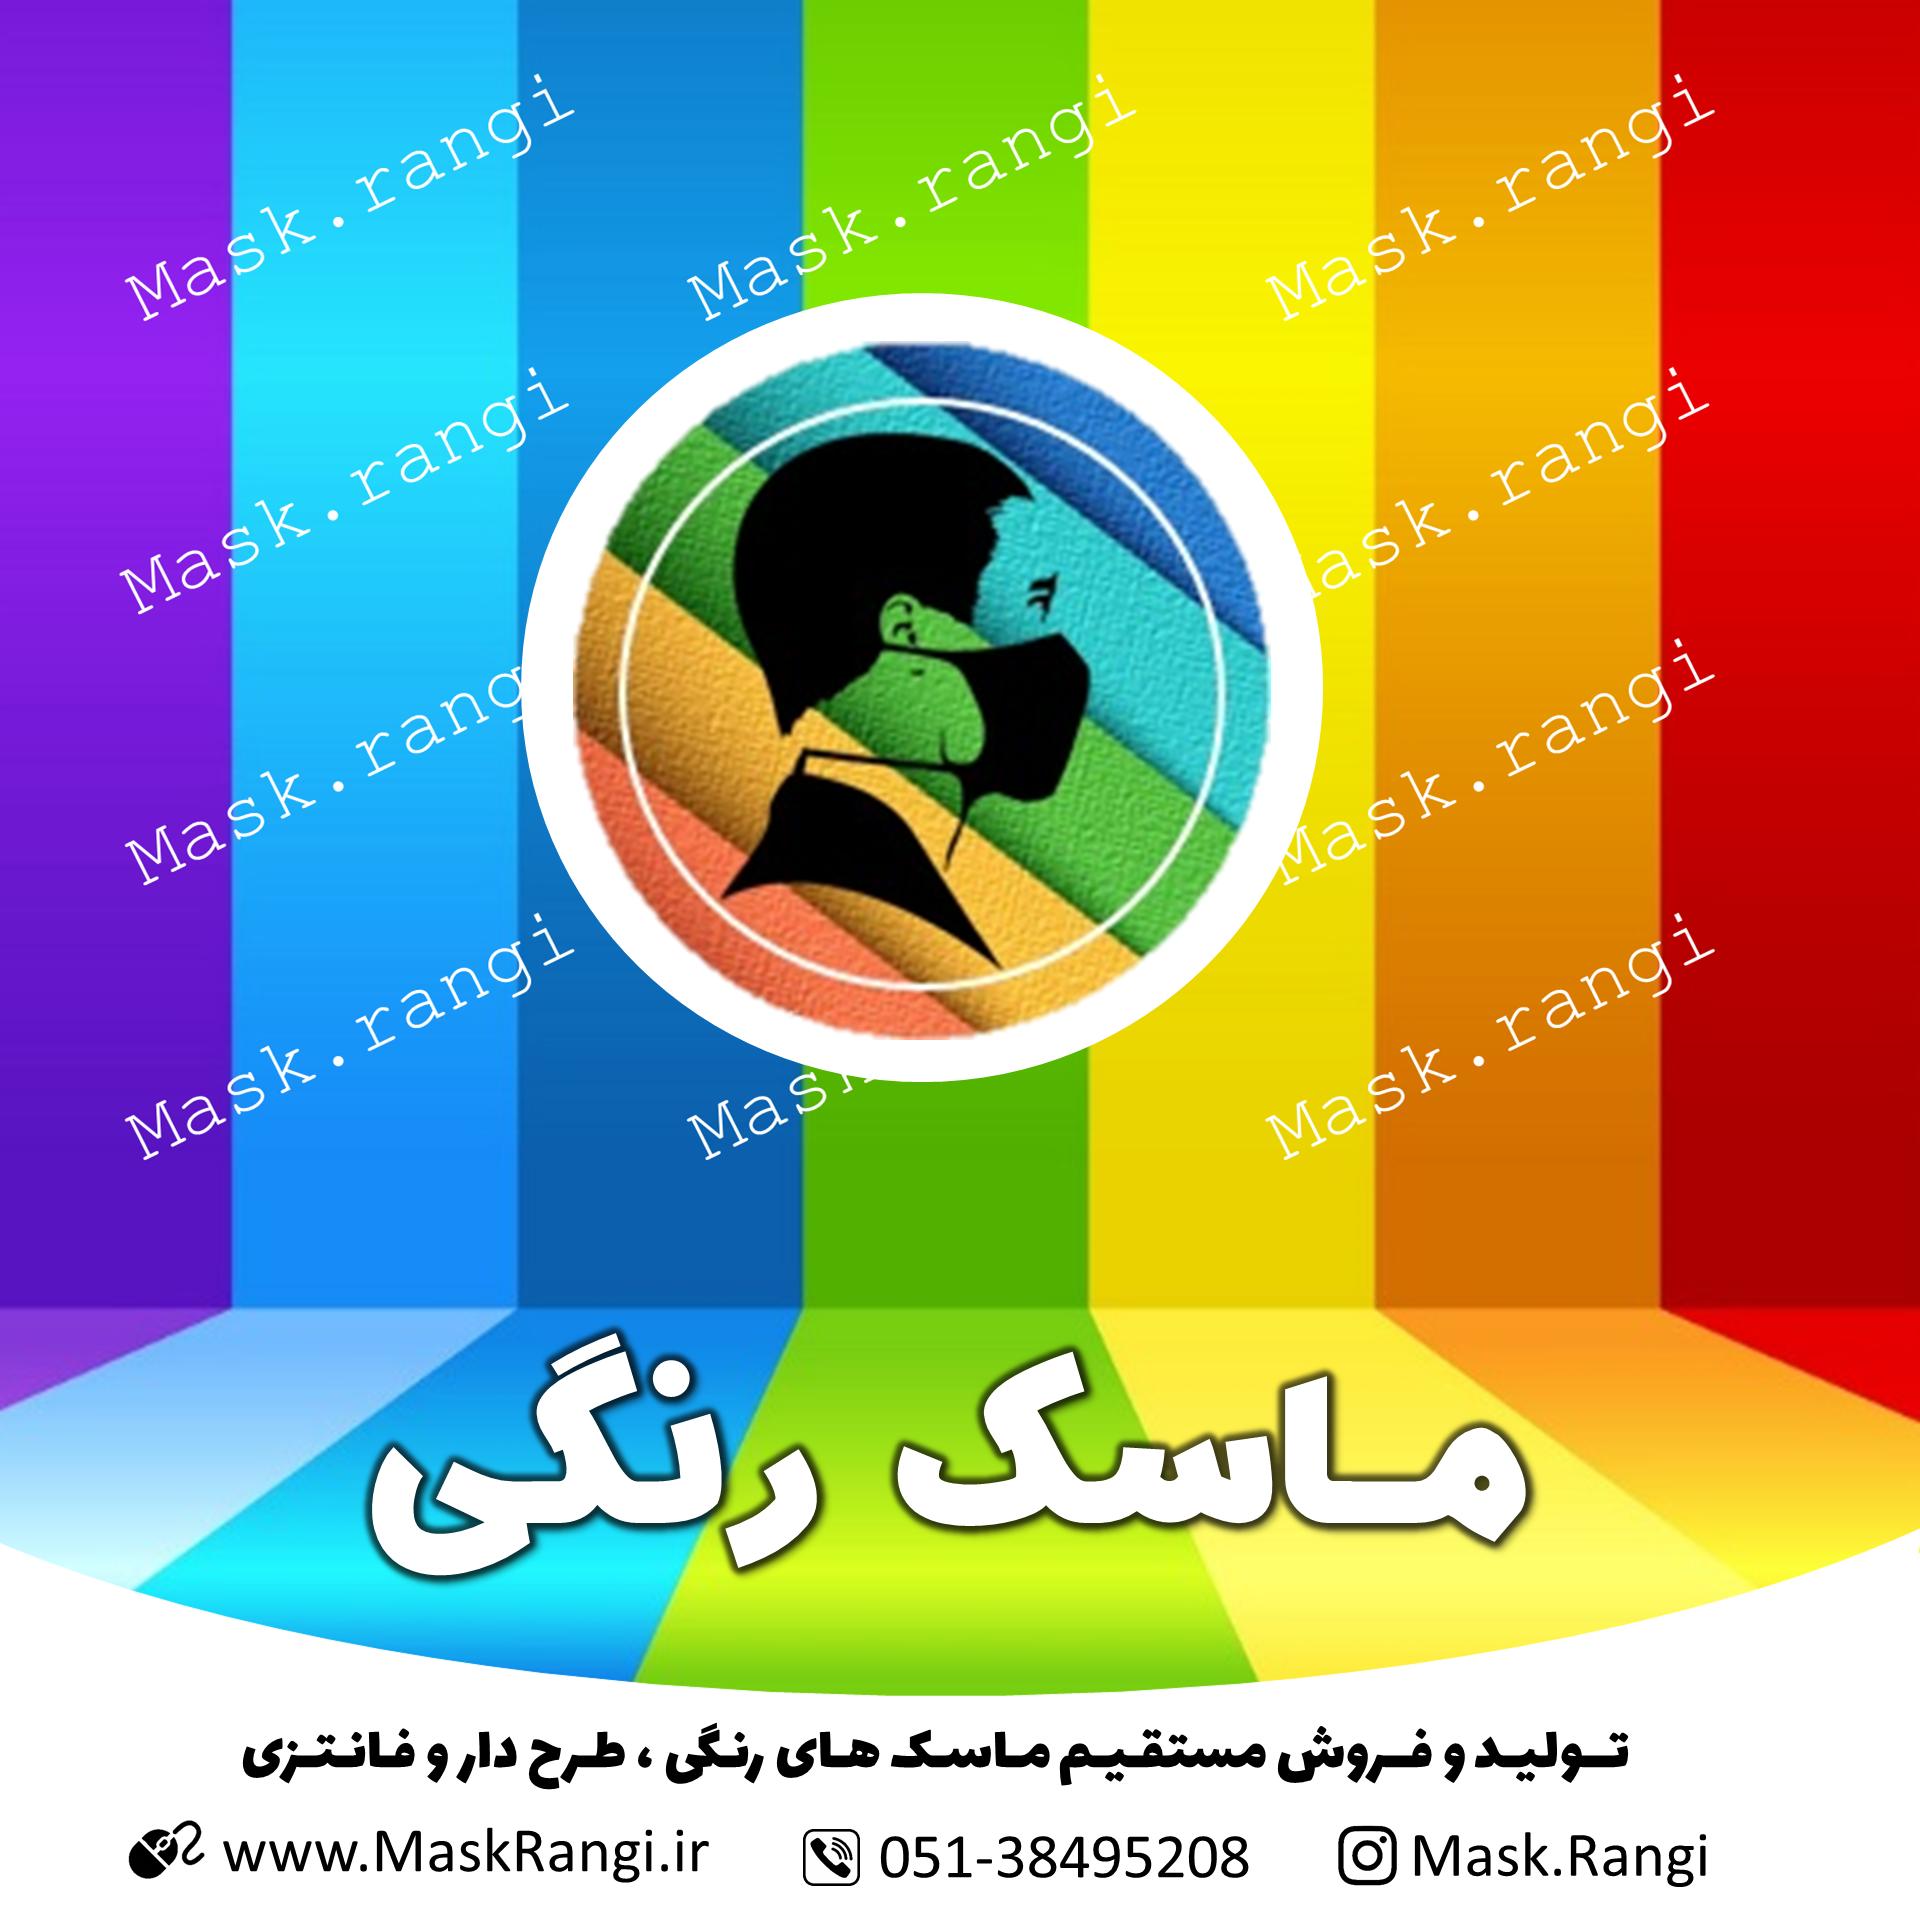 خرید ماسک در مشهد